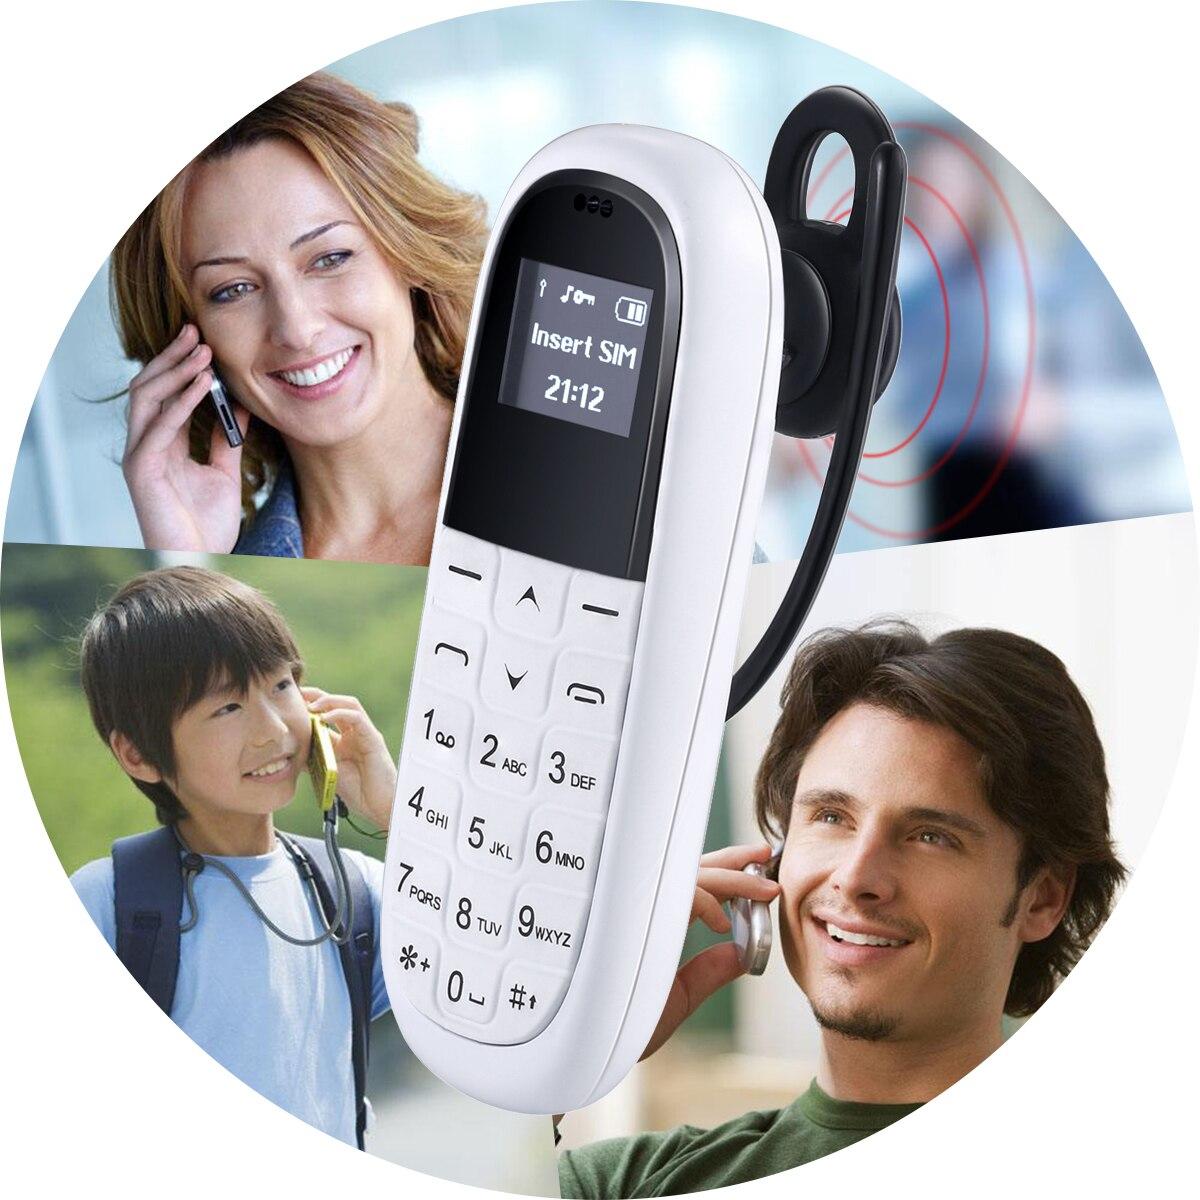 kk1 mini mobile phone